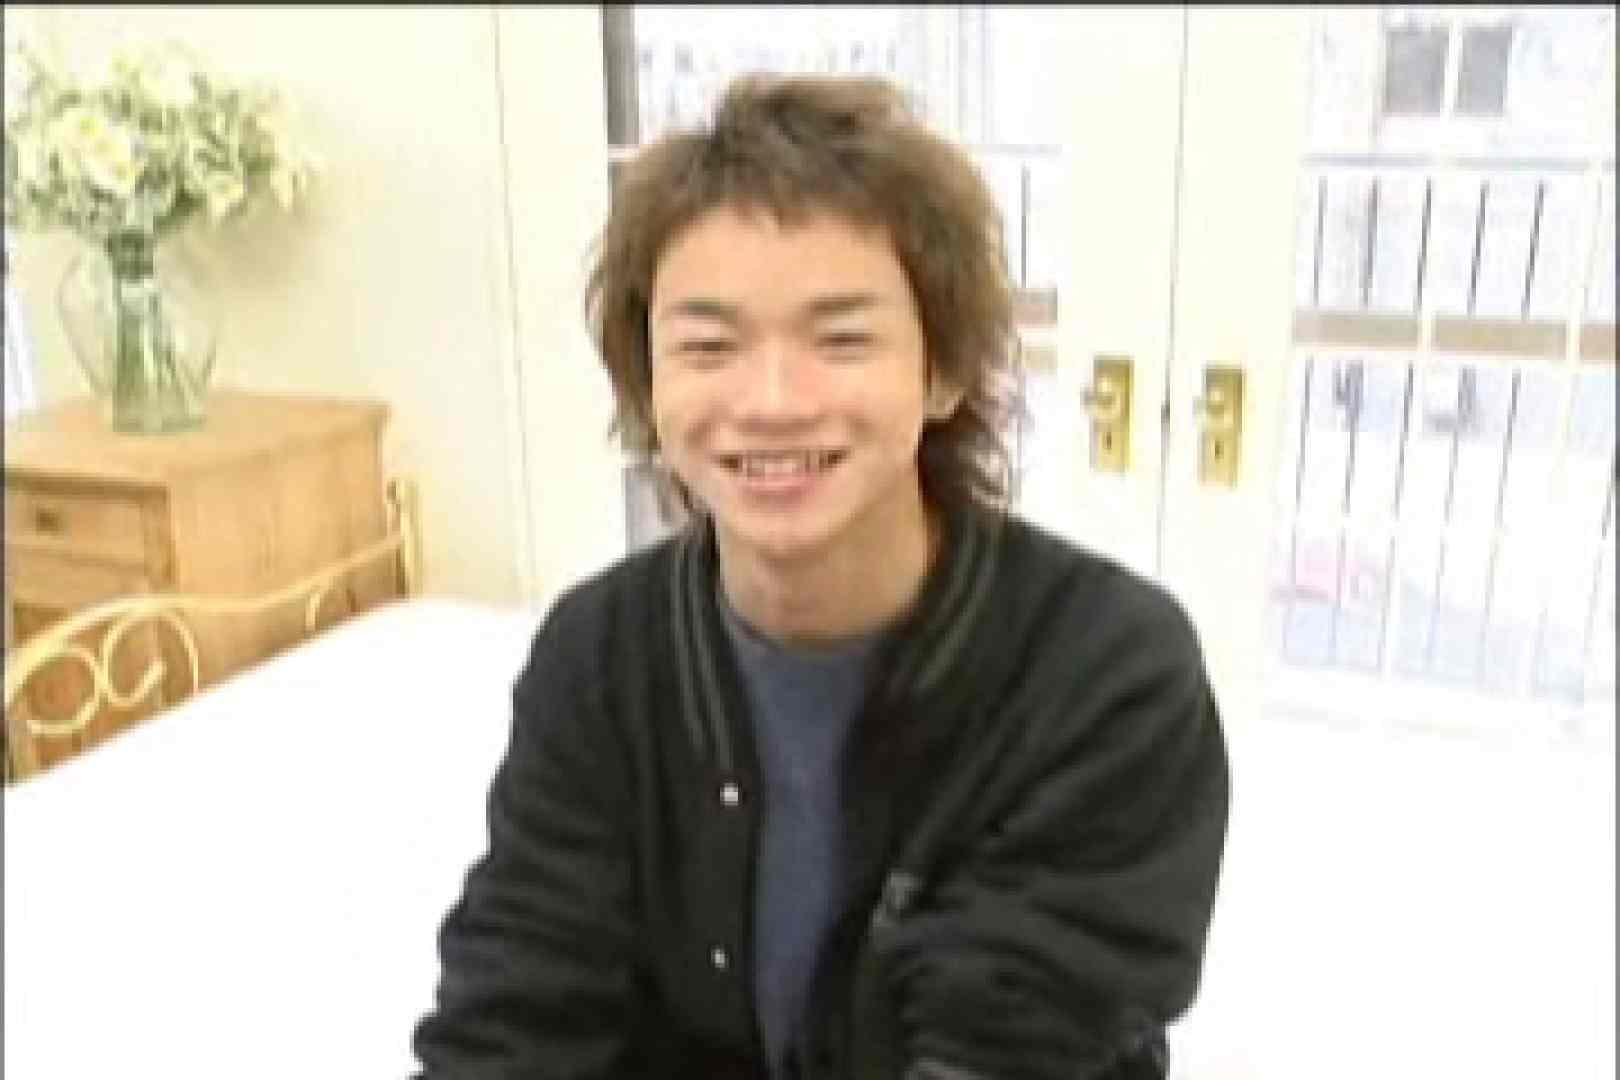 イケメン☆パラダイス〜男ざかりの君たちへ〜vol.18 フェラ  79pic